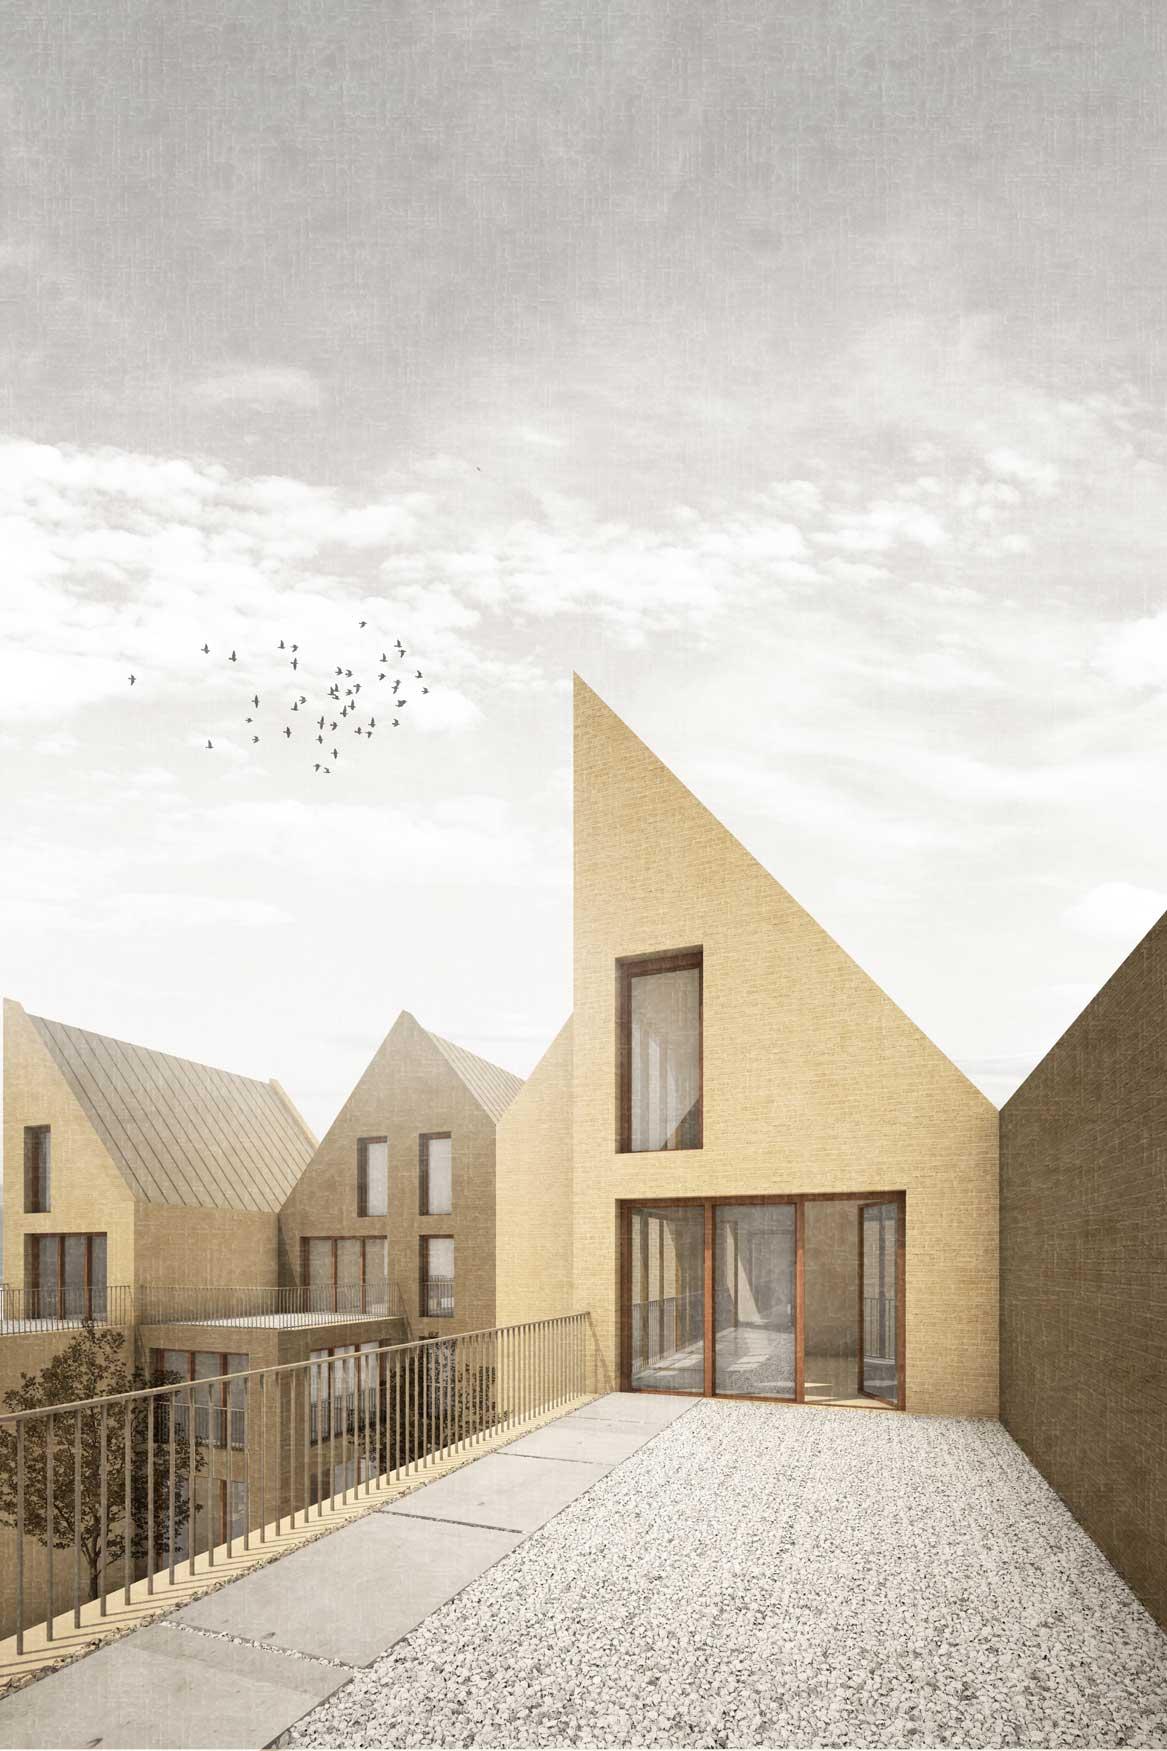 KUBIK Architektur - Studio für Architektur Berlin - architecture - Wettbewerb - Wohnbau - Gruenderzentrum Luebeck - Perspektive